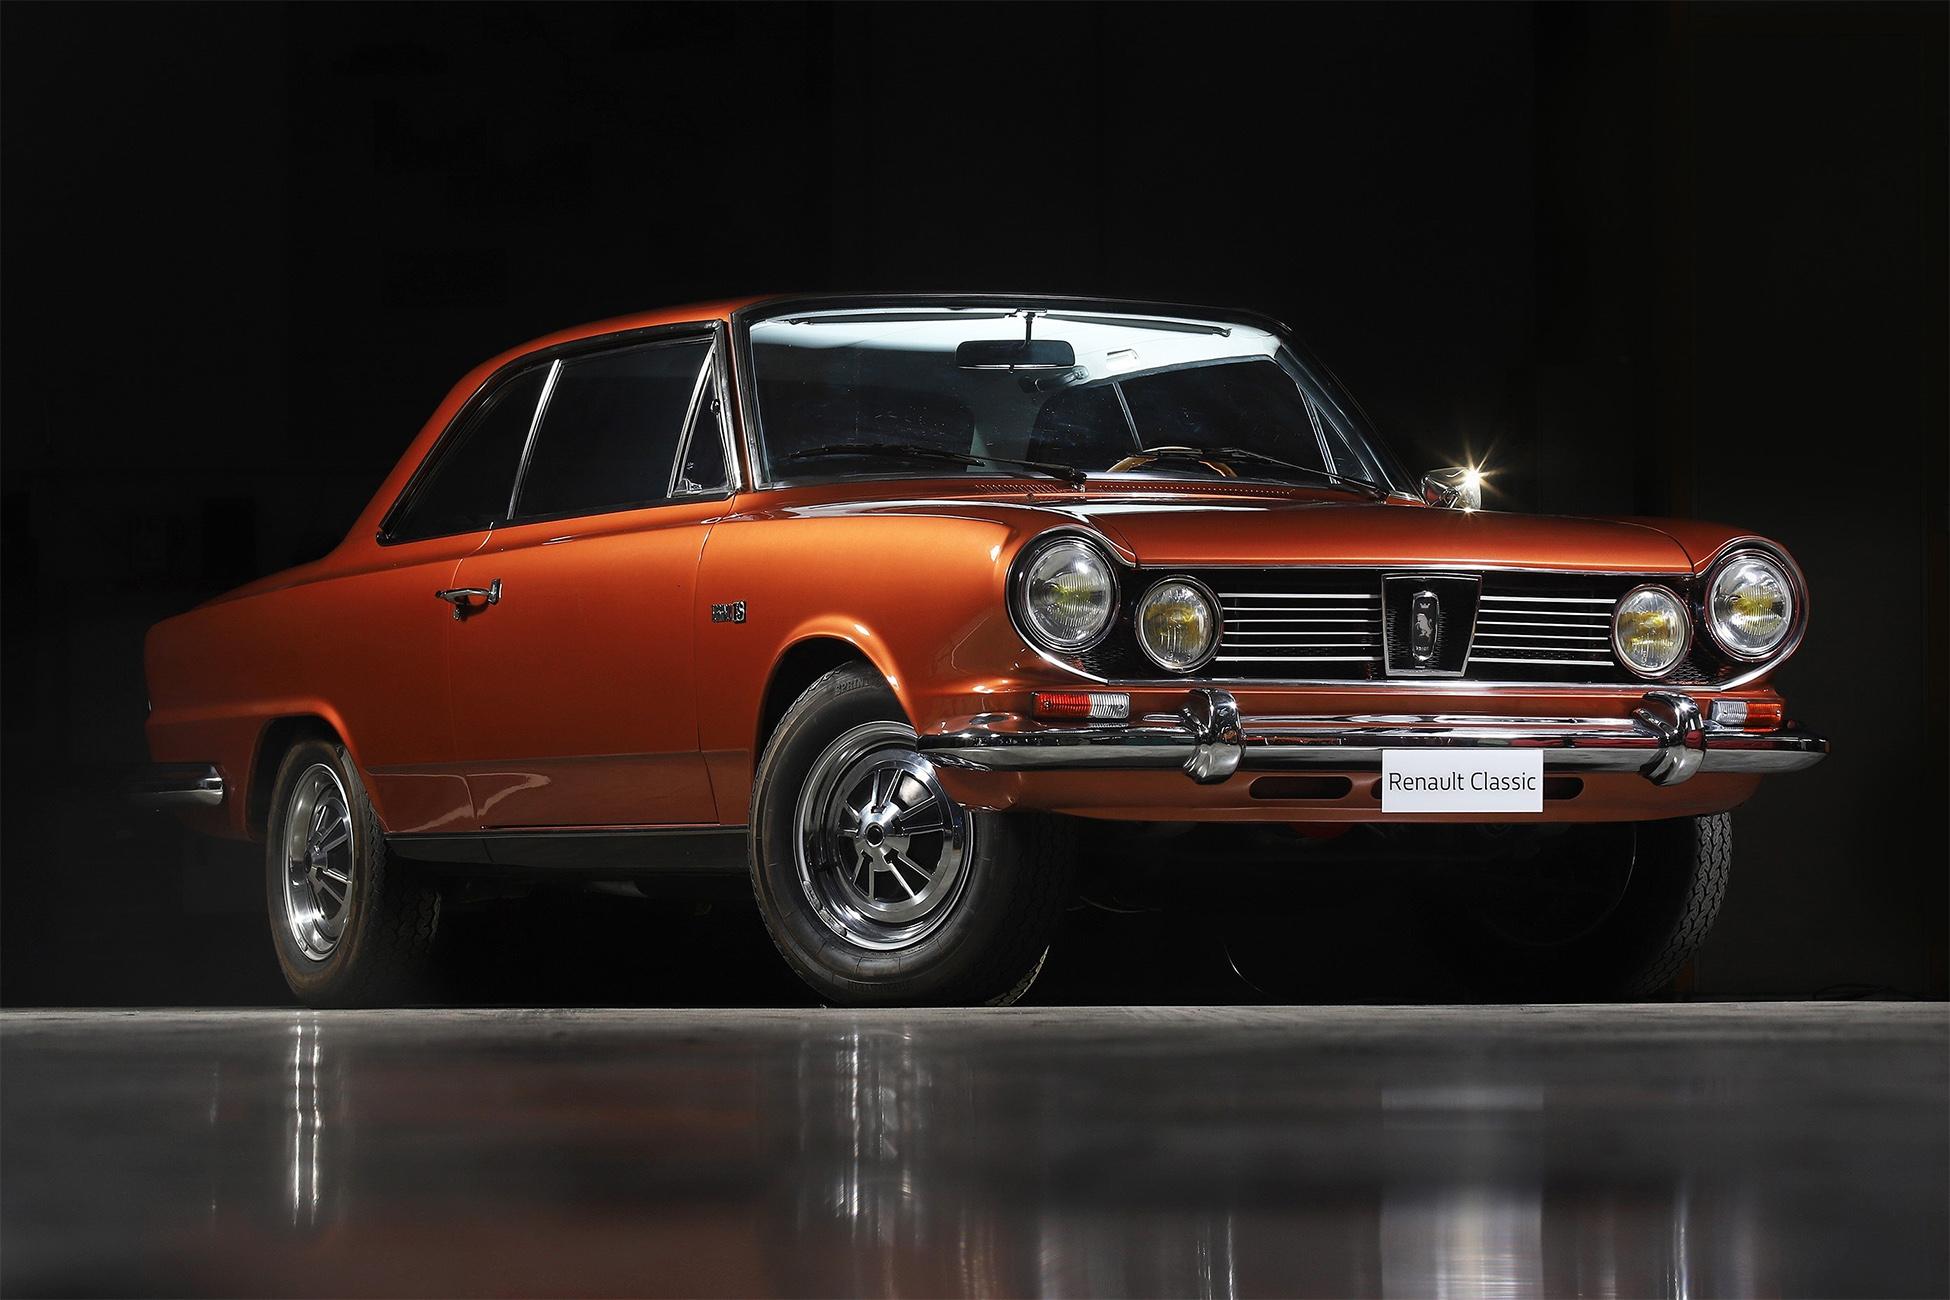 ika renault torino vermelho de frente carro antigo feito na argentina